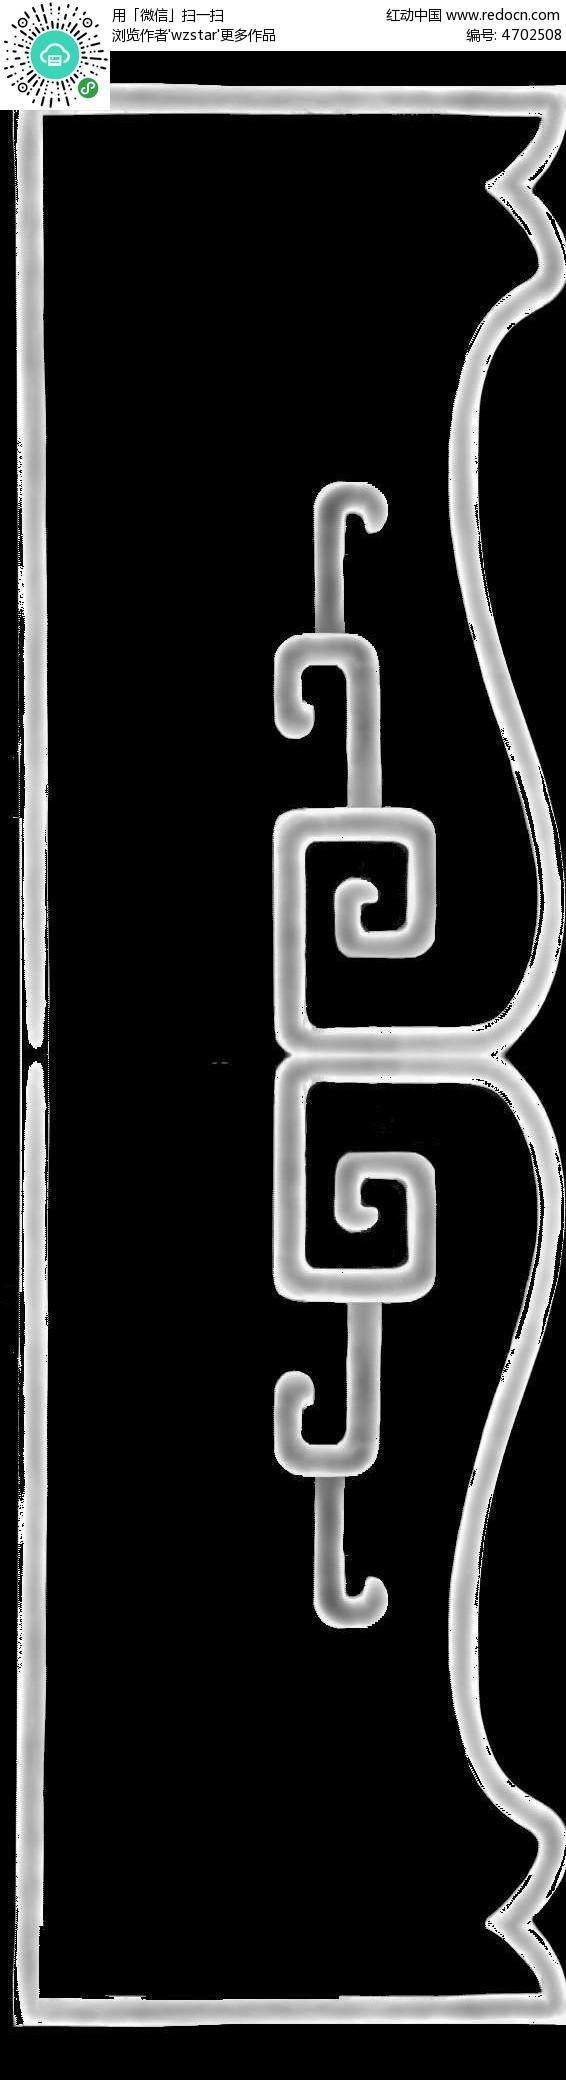 中式风格 花纹边框 浮雕图片